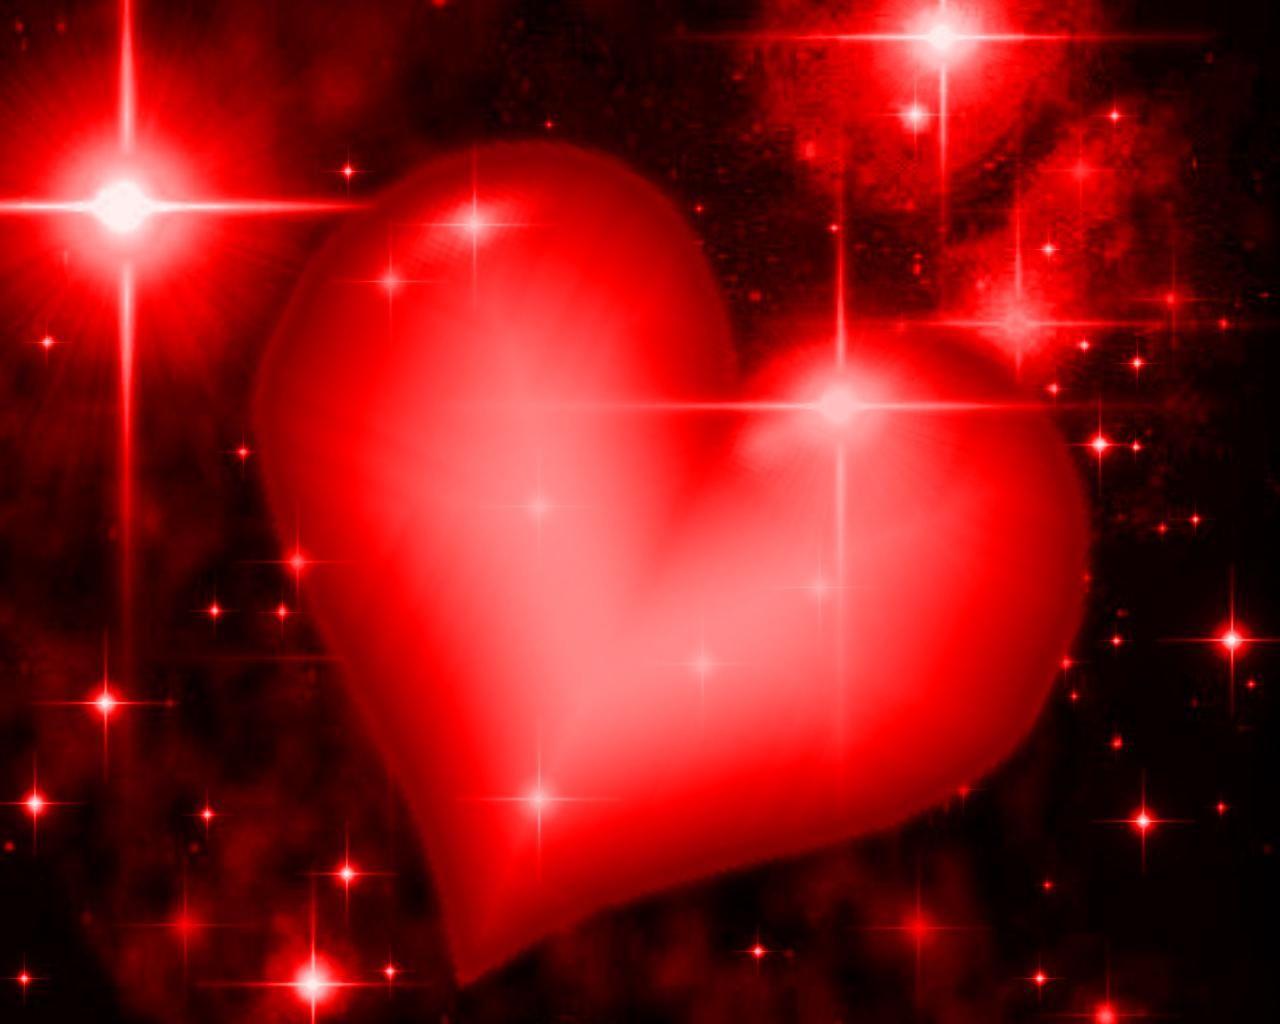 Beautiful Heart Wallpaper Heart Wallpaper Heart Background Dark Red Wallpaper